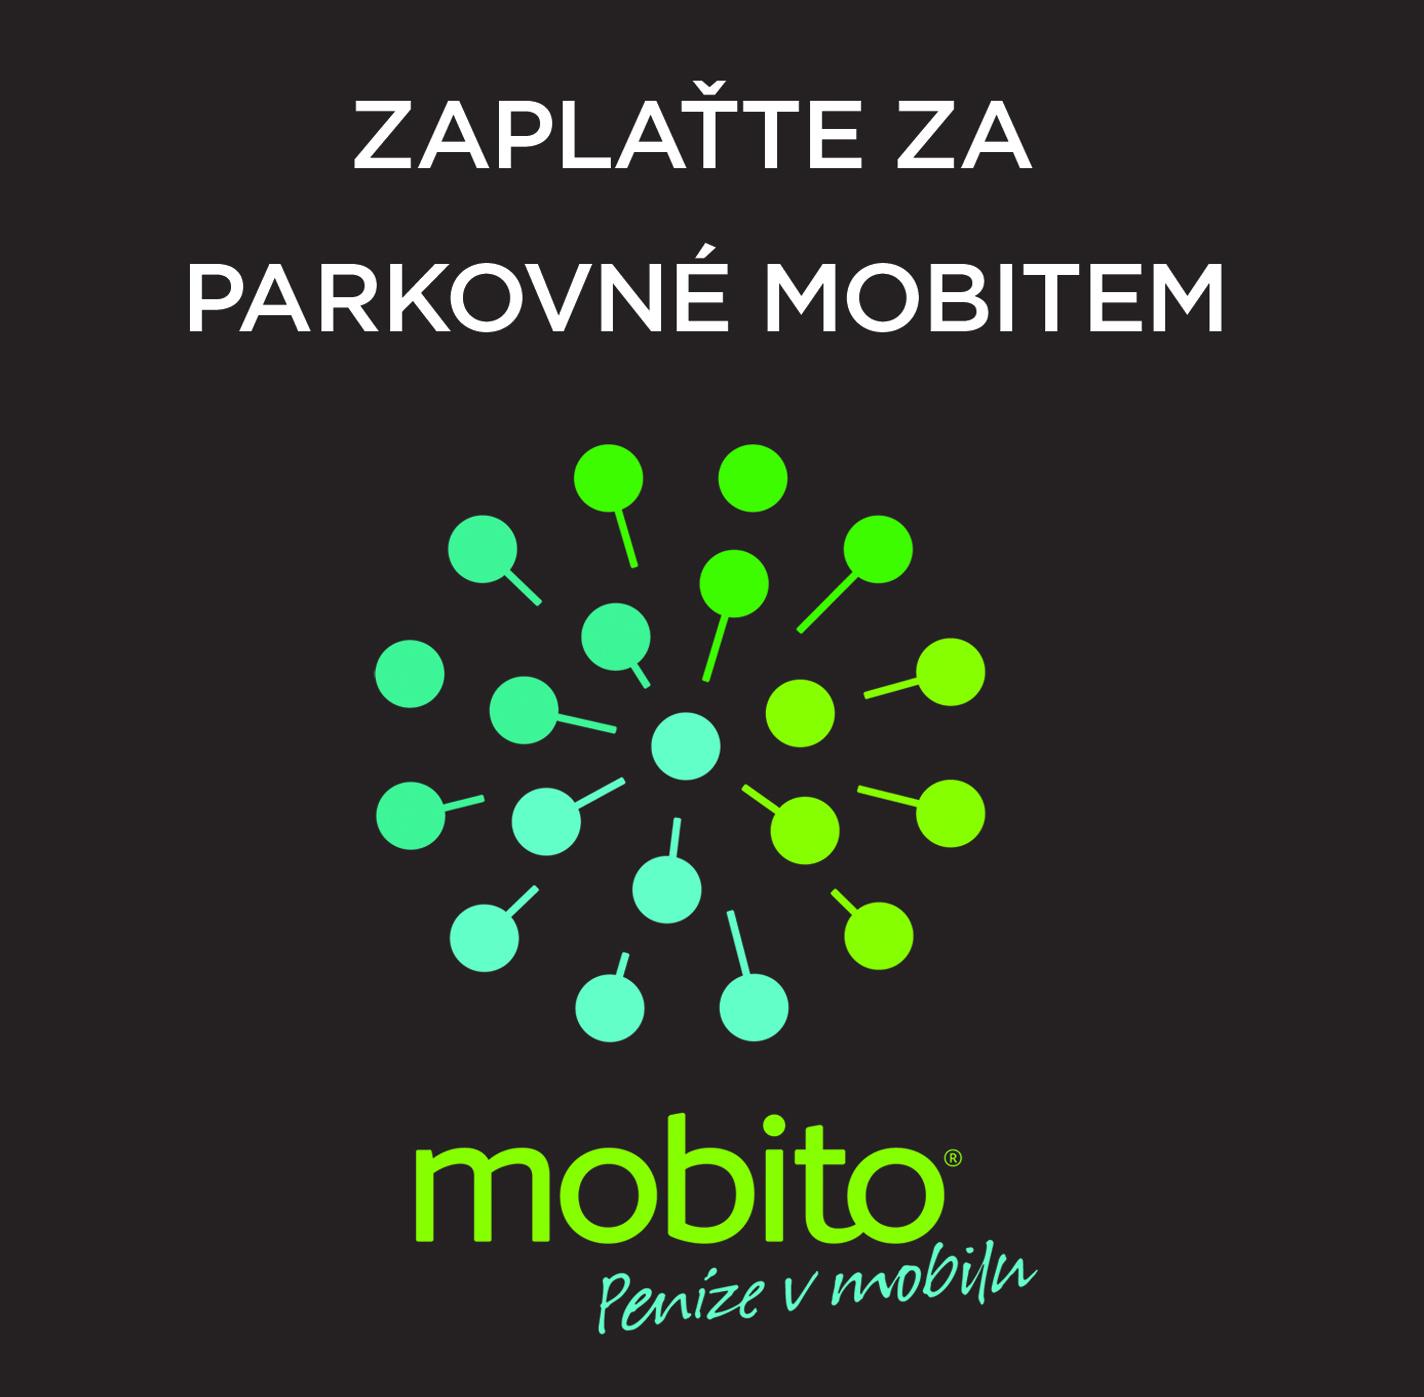 Plaťte u nás za parkovné Mobitem